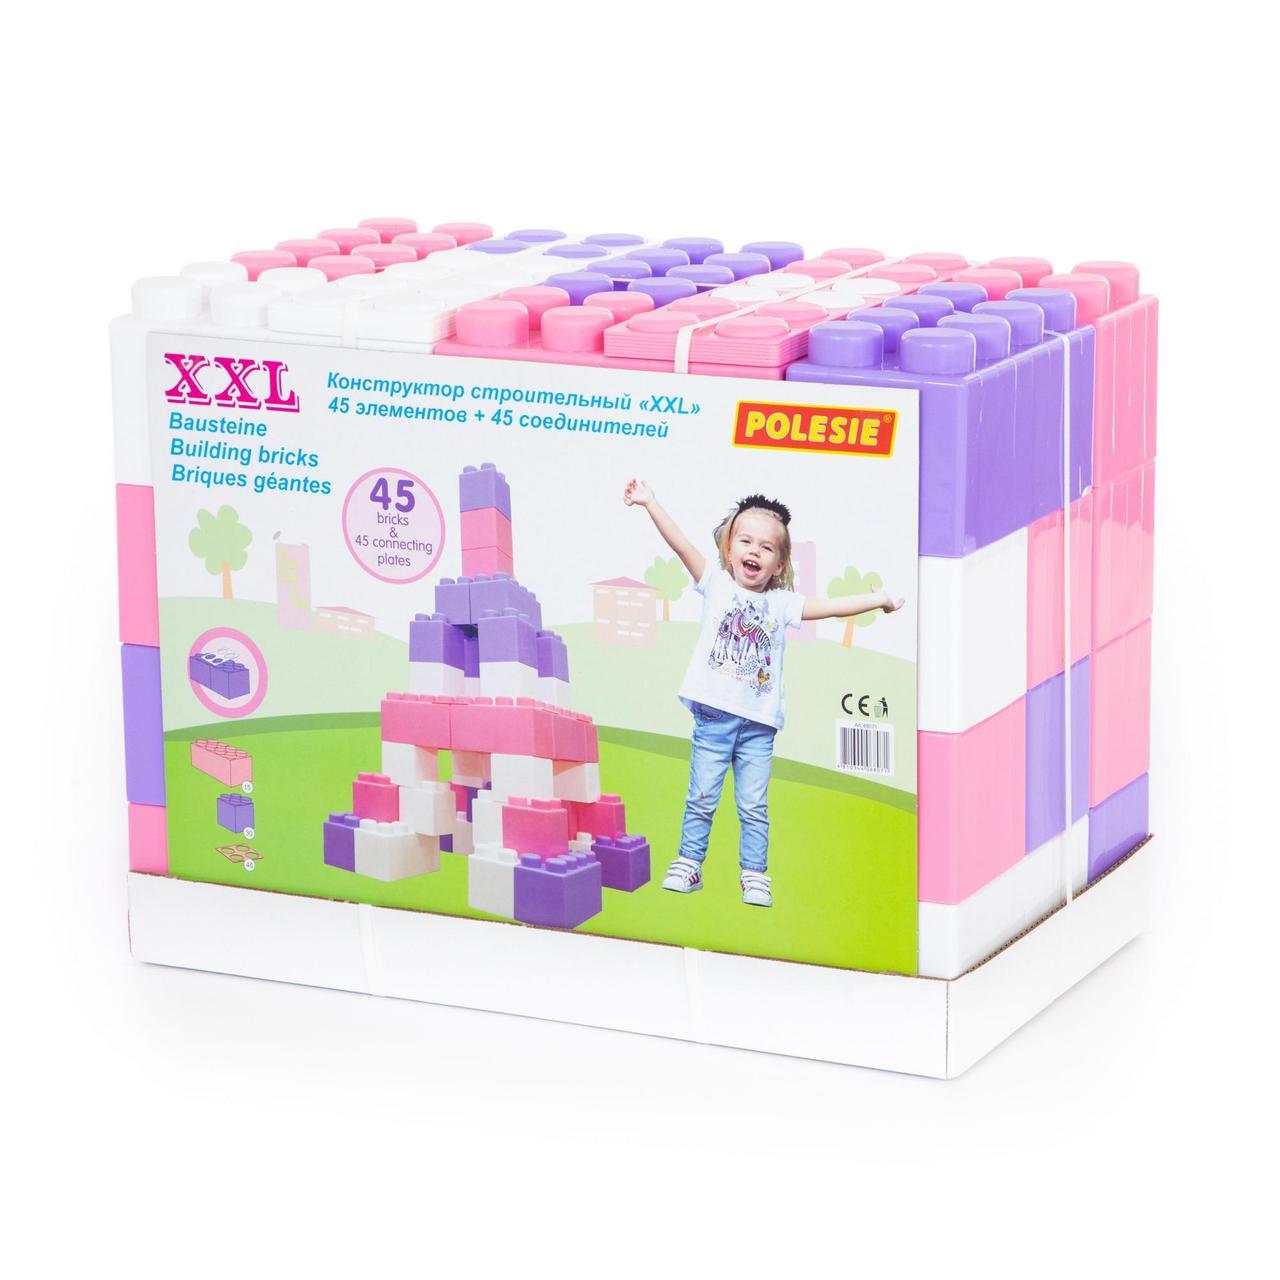 """Конструктор будівельний """"XXL"""", 45 елементів (v2) + з'єднувач (45 елементів)"""